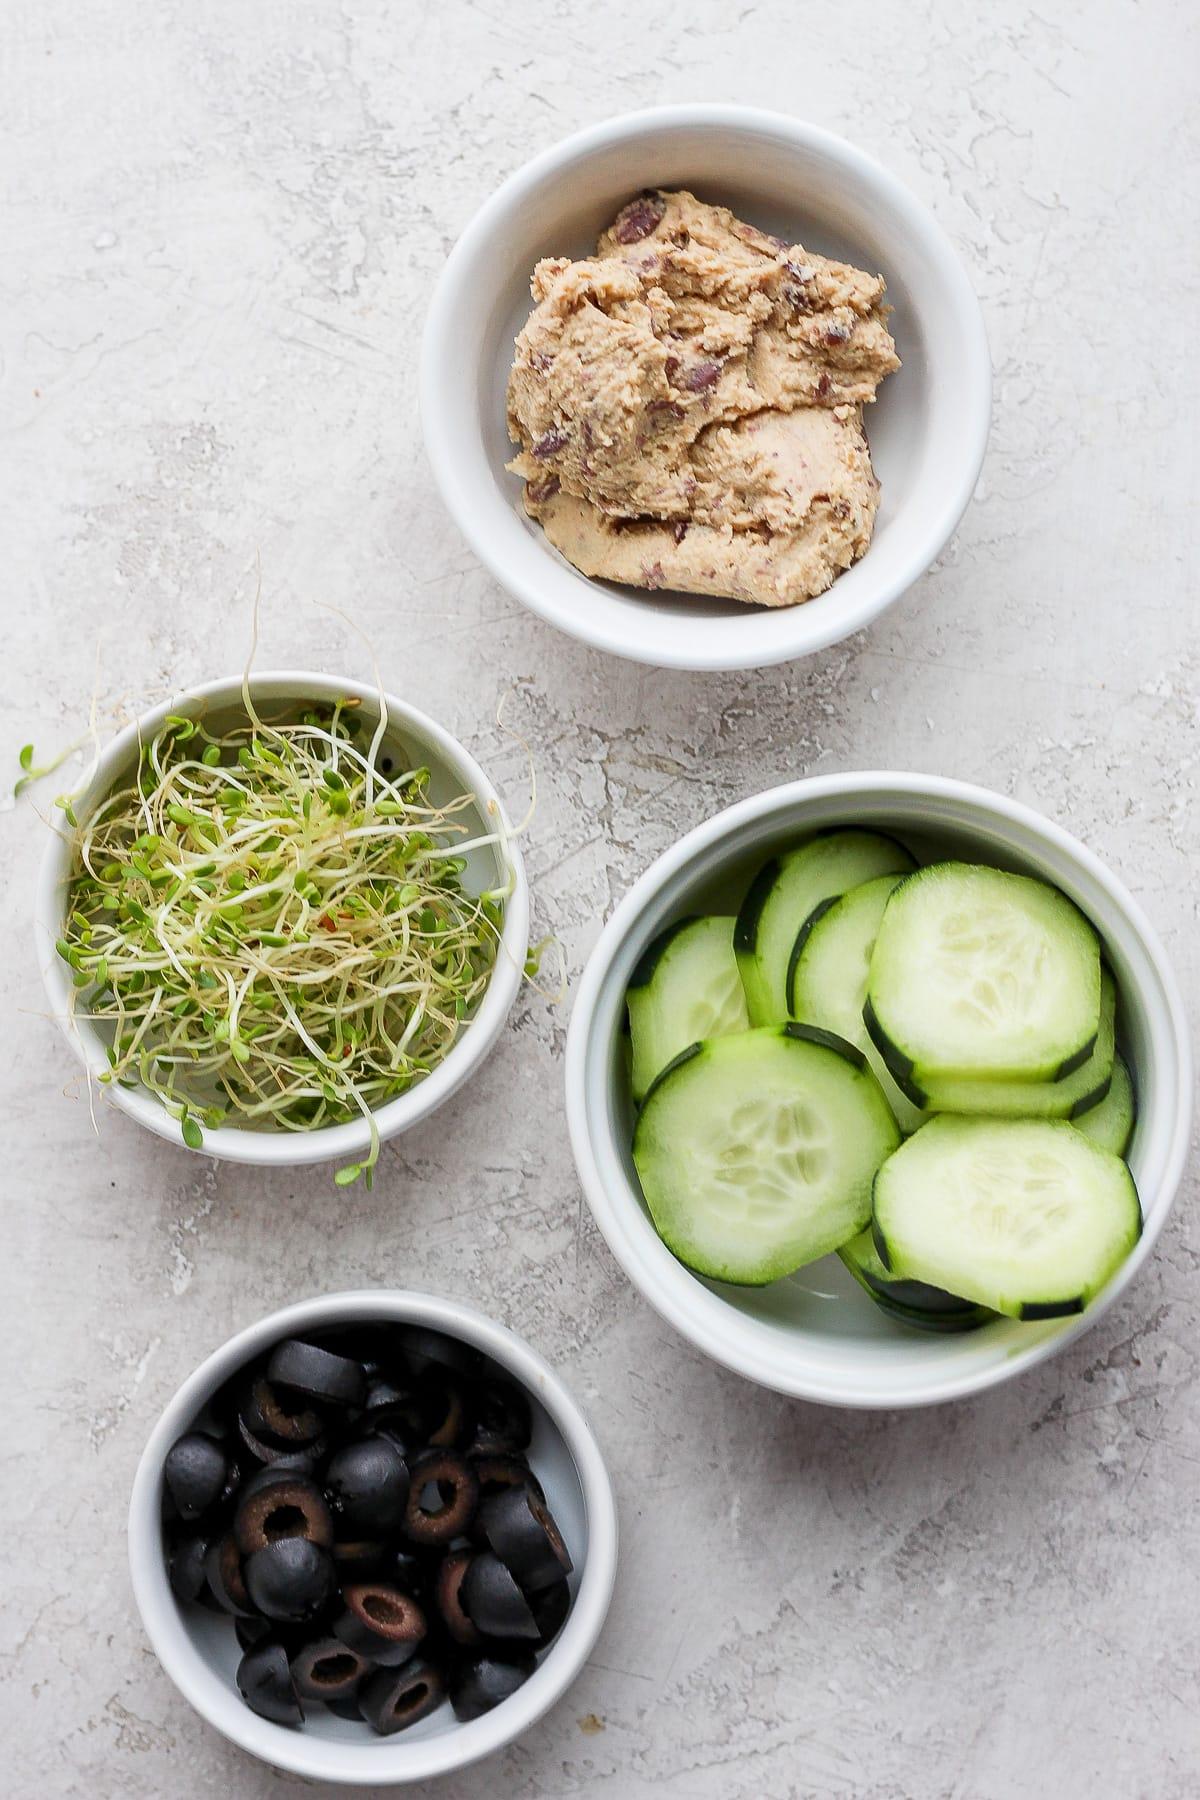 Ingredients for vegan pita sandwiches.